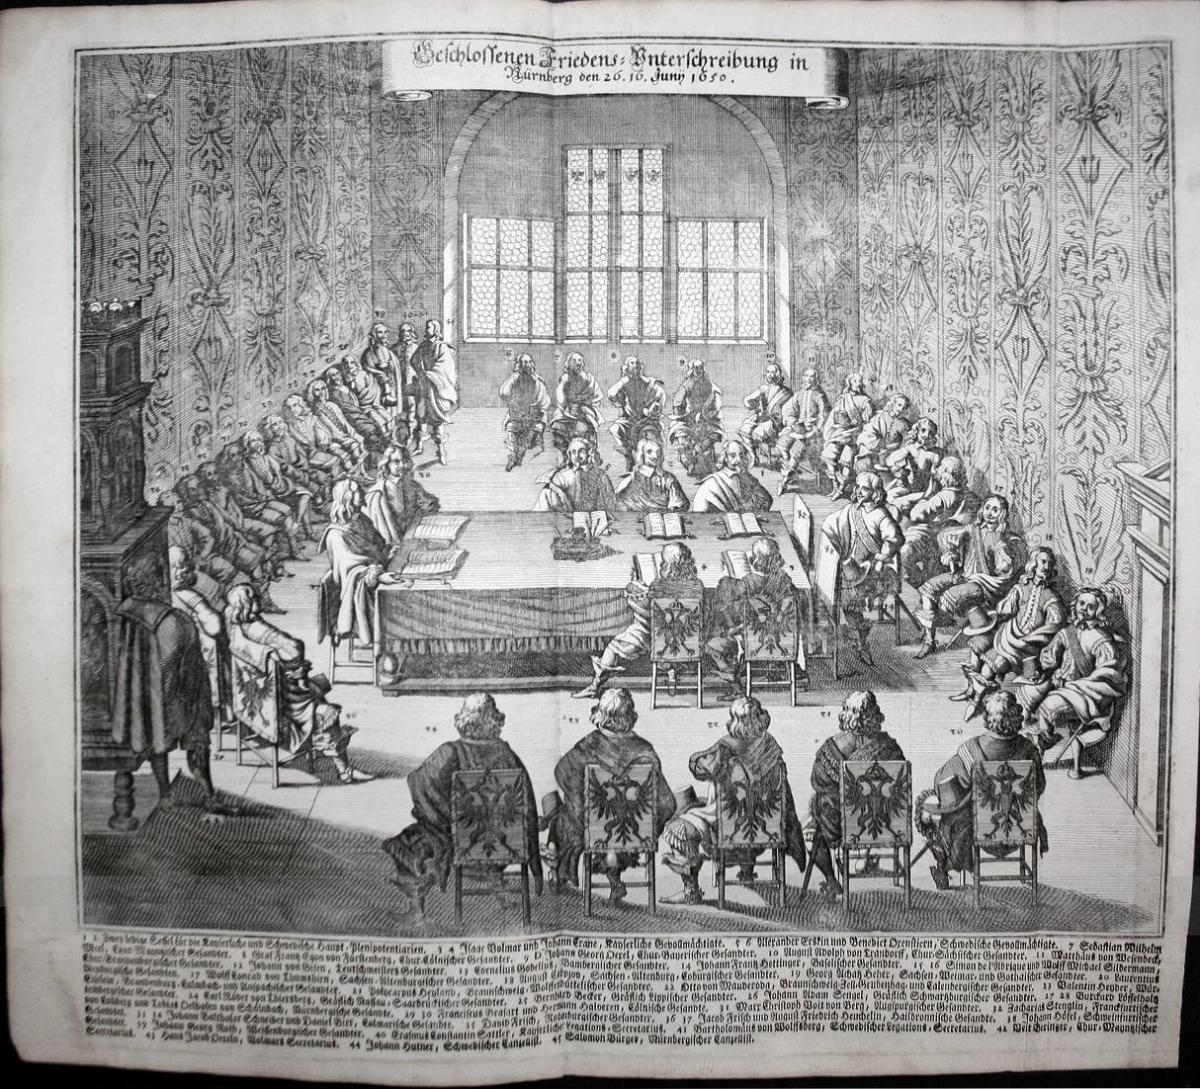 Beschlossenen Friedens Unterschreibung in Nürnberg Juni 1650. 0